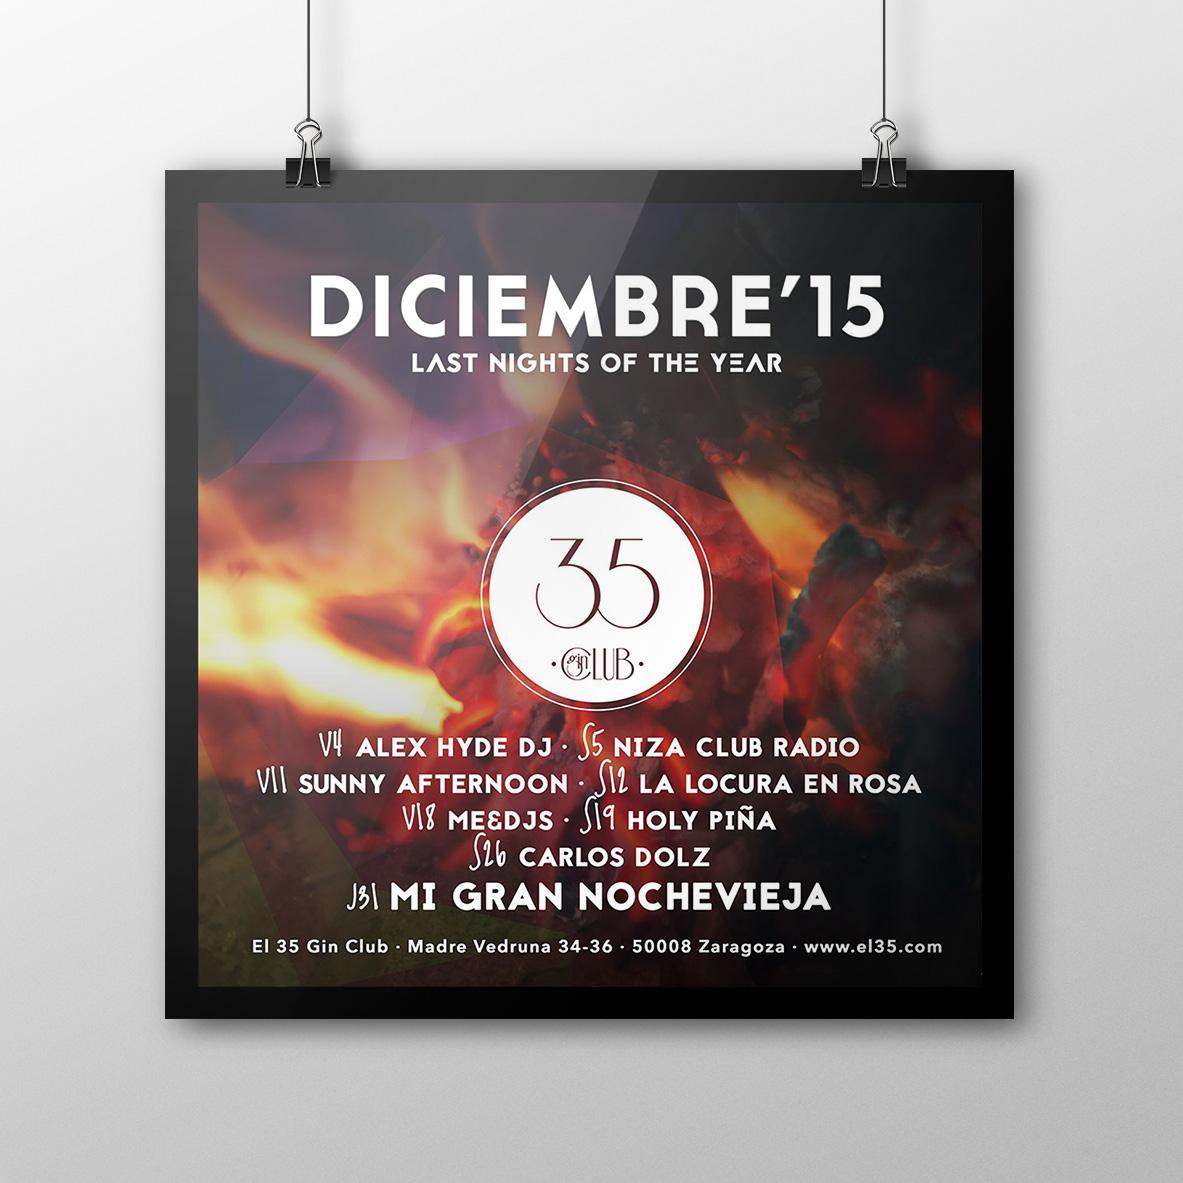 Flyer El 35 Gin Club - Programación Diciembre 2015